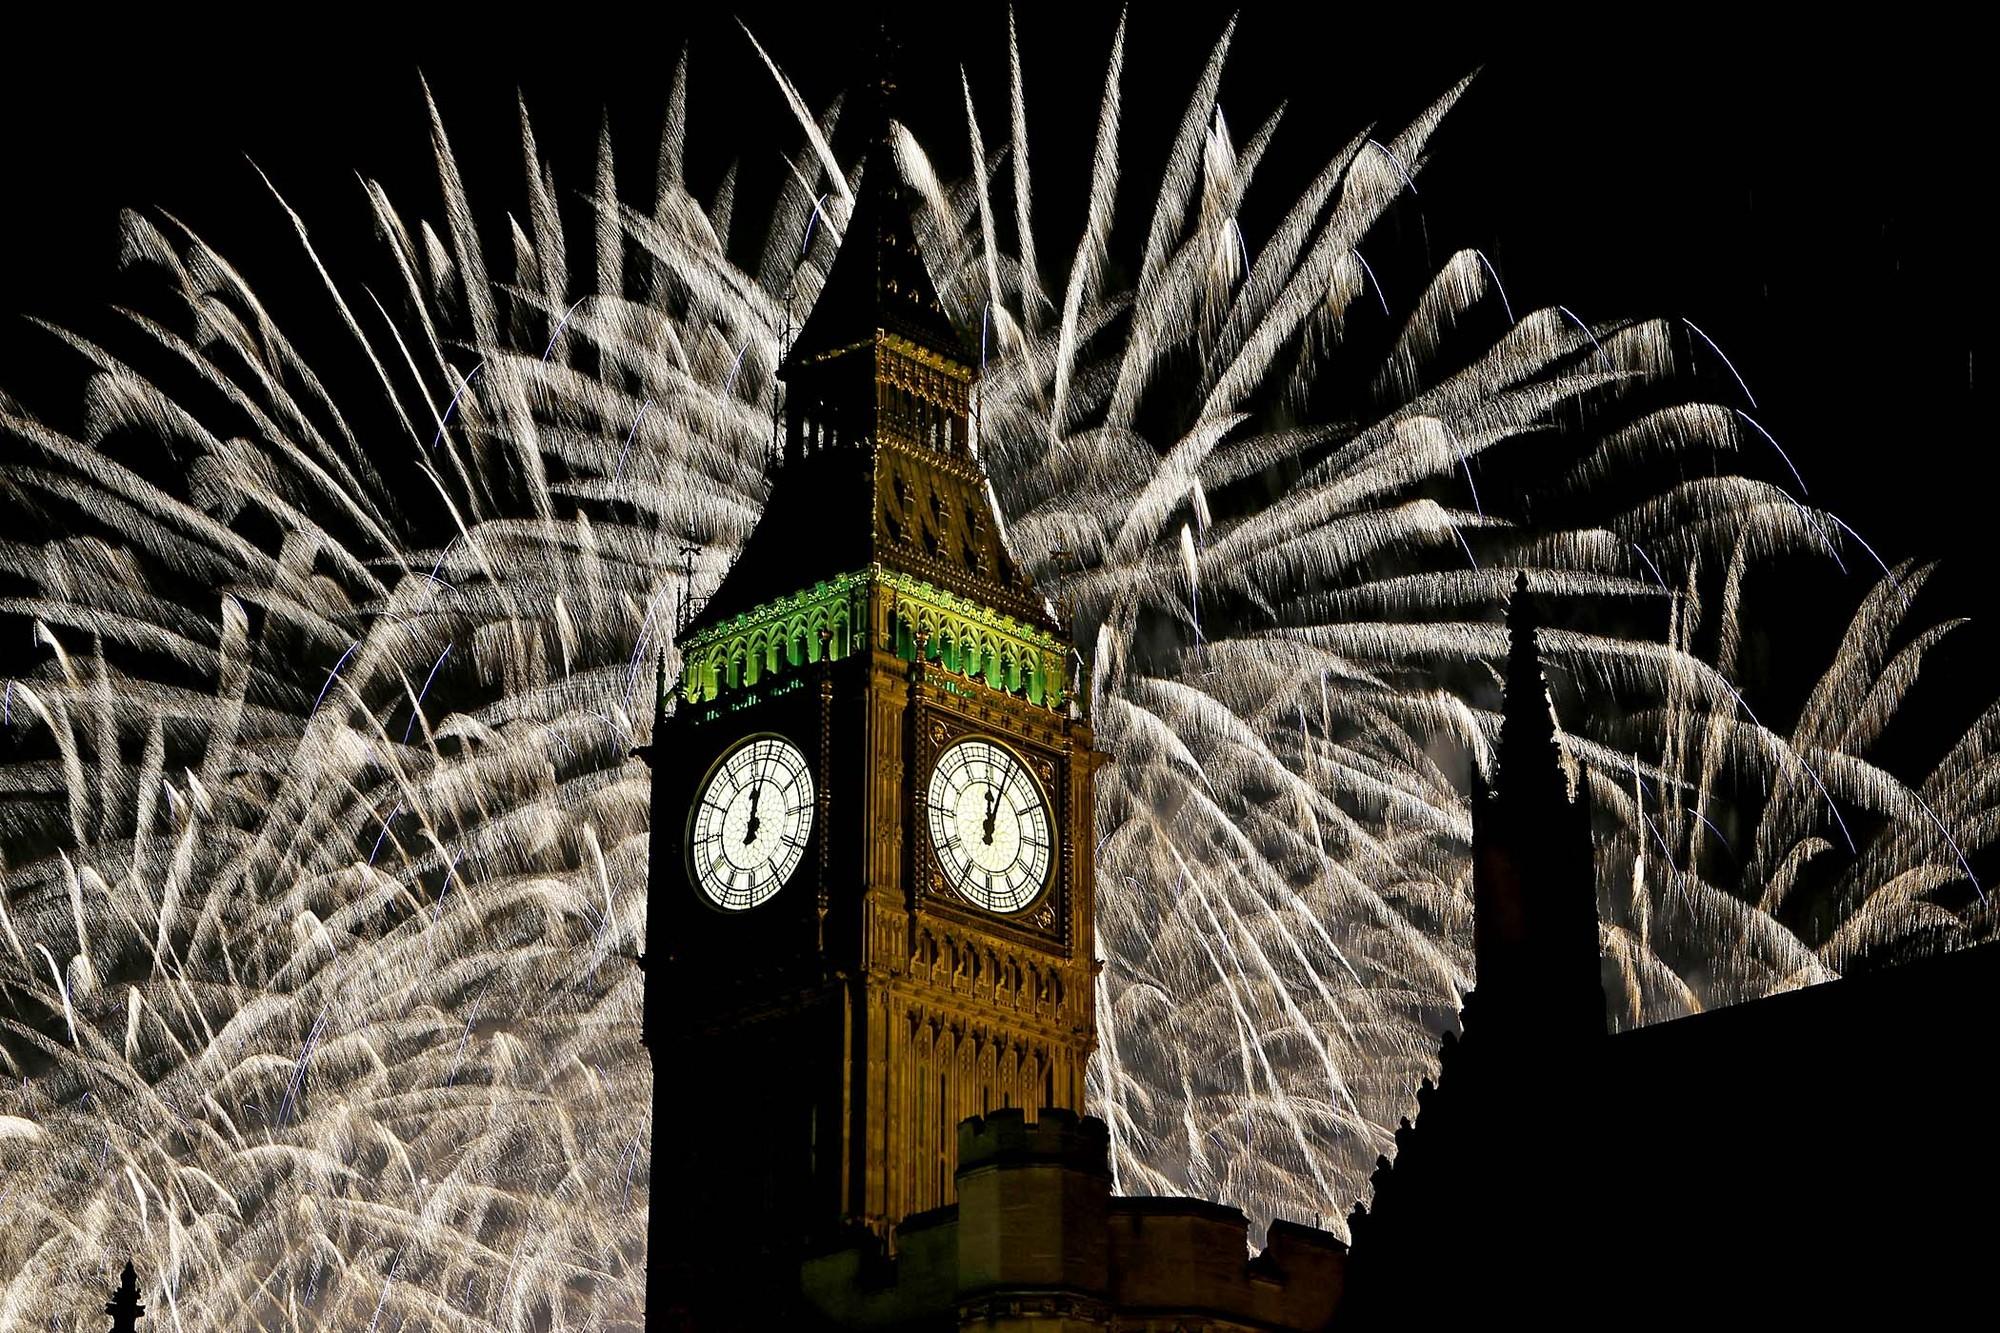 Las Ciudades se preparan para celebrar el Año Nuevo 2014, Big Ben, Londres. Image © Kirsty Wigglesworth/Associated Press